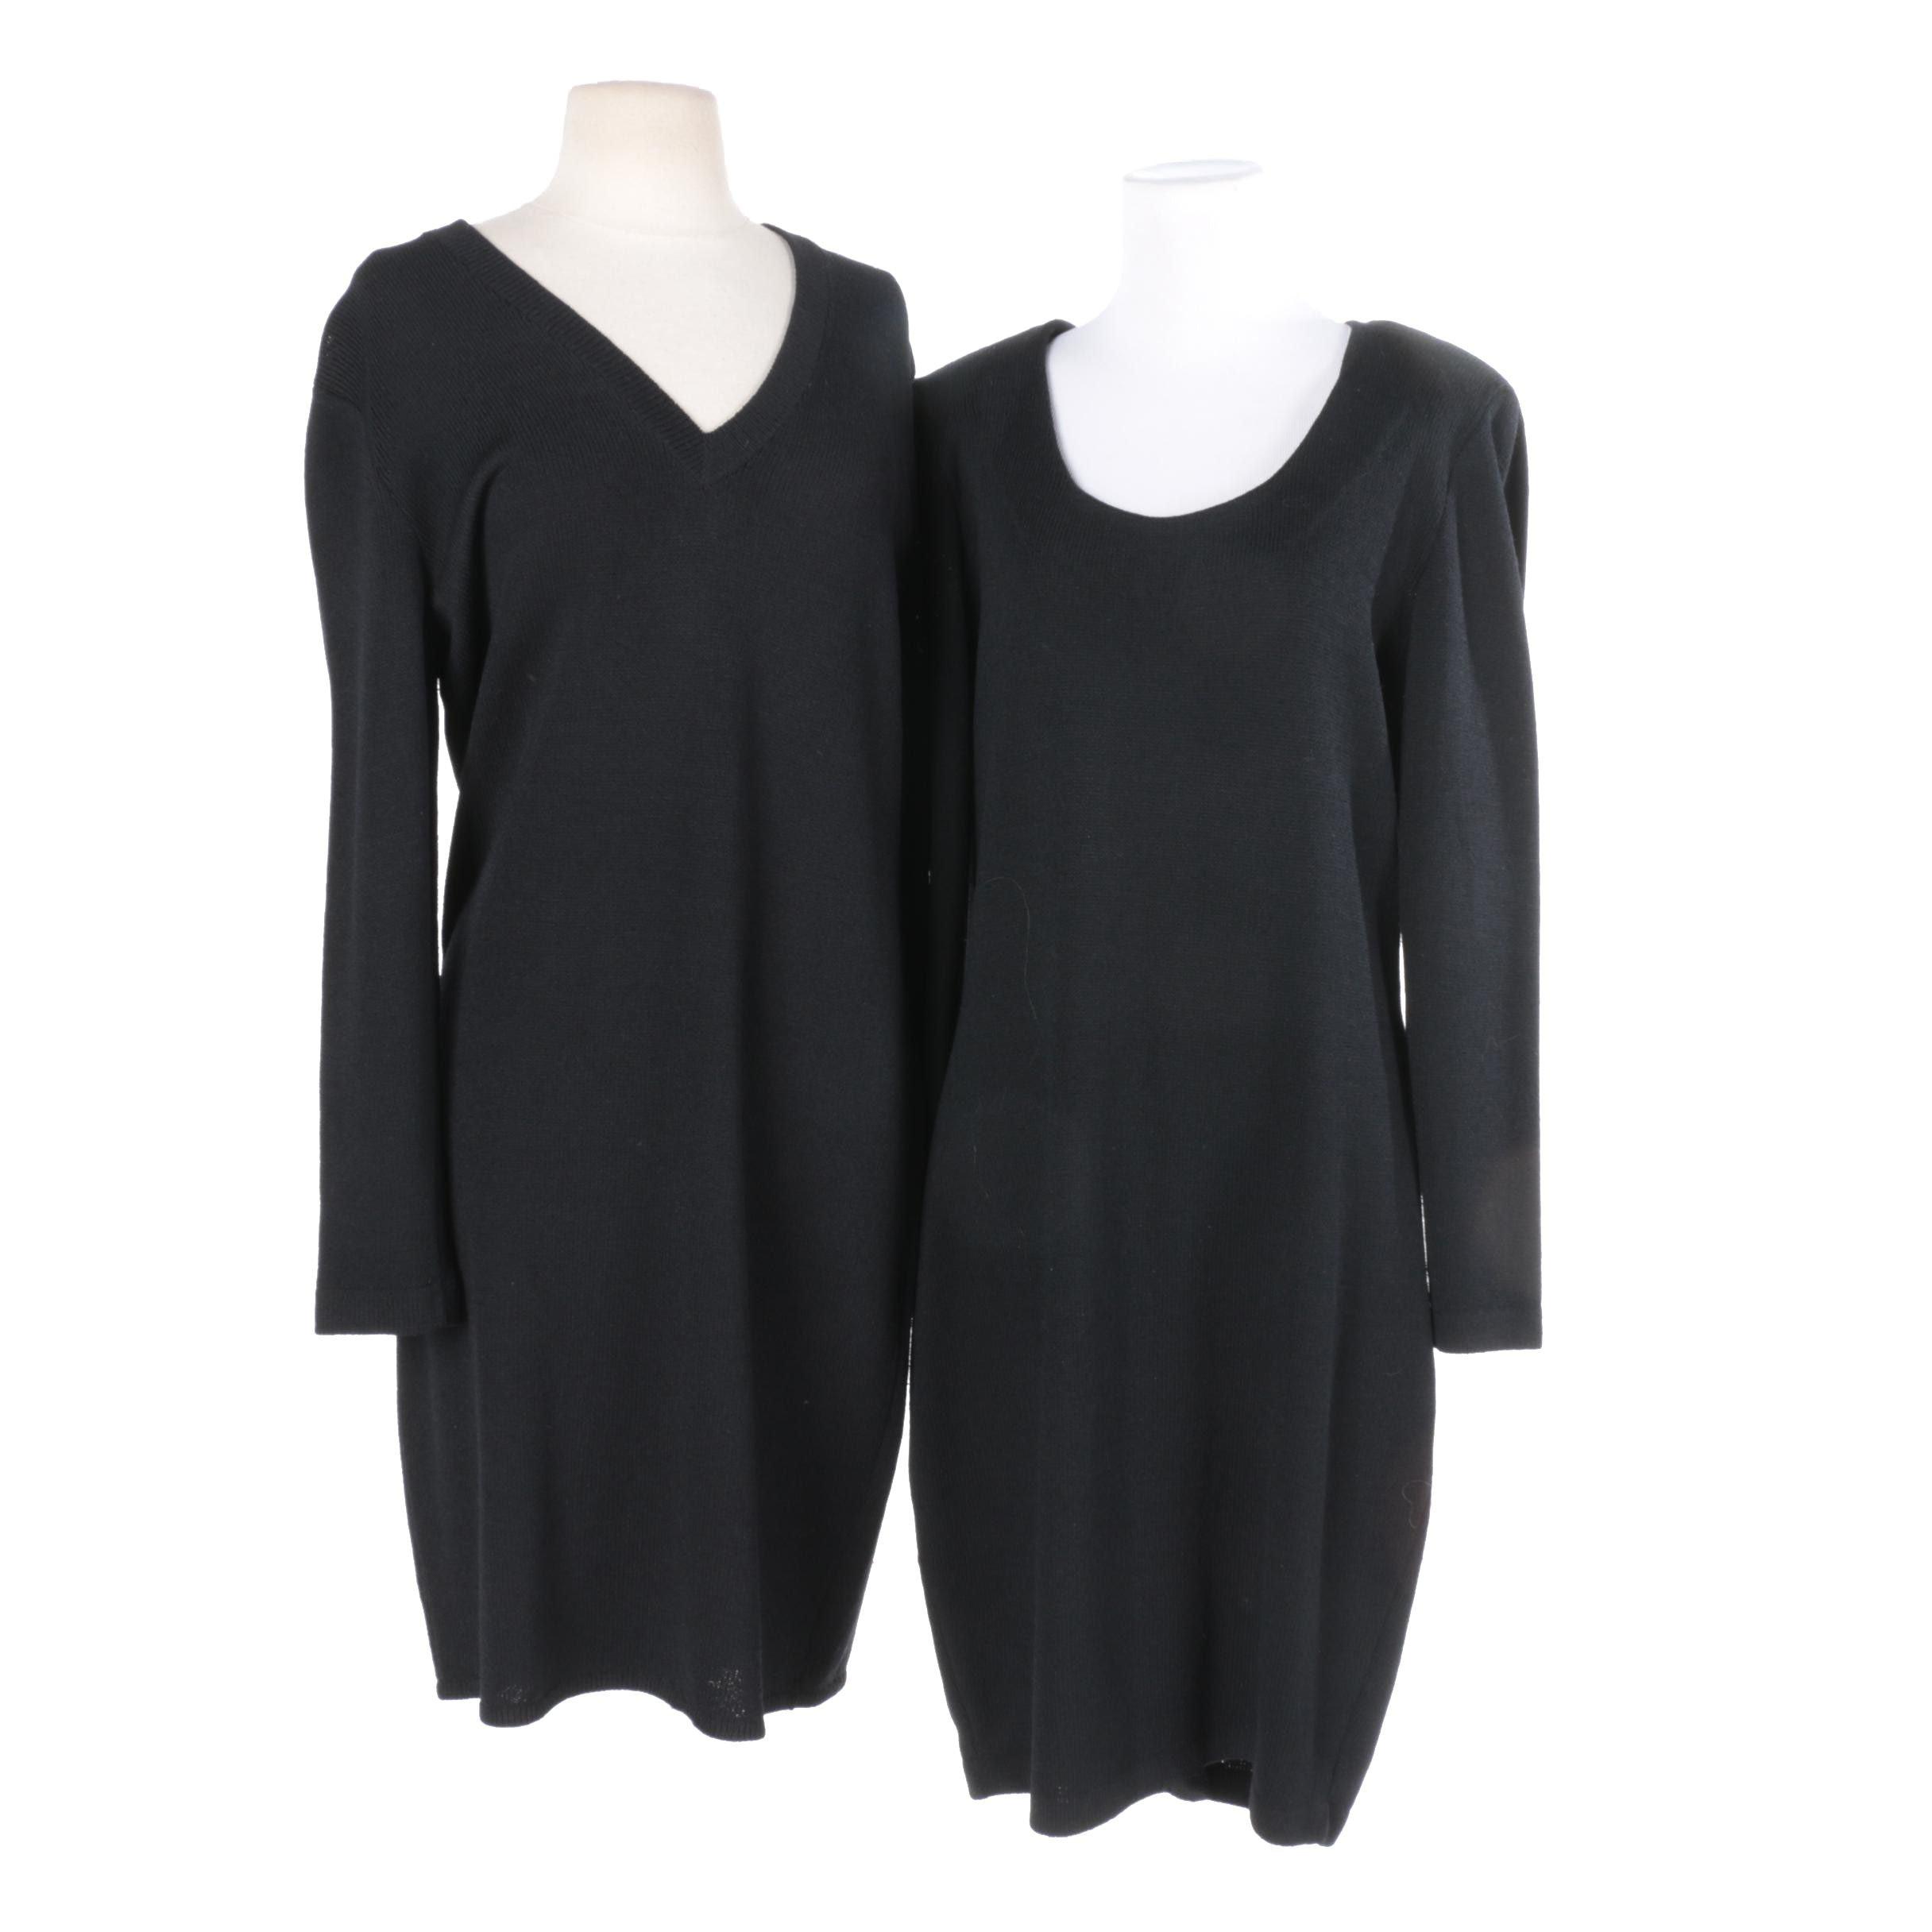 St. John Black Knit Dresses